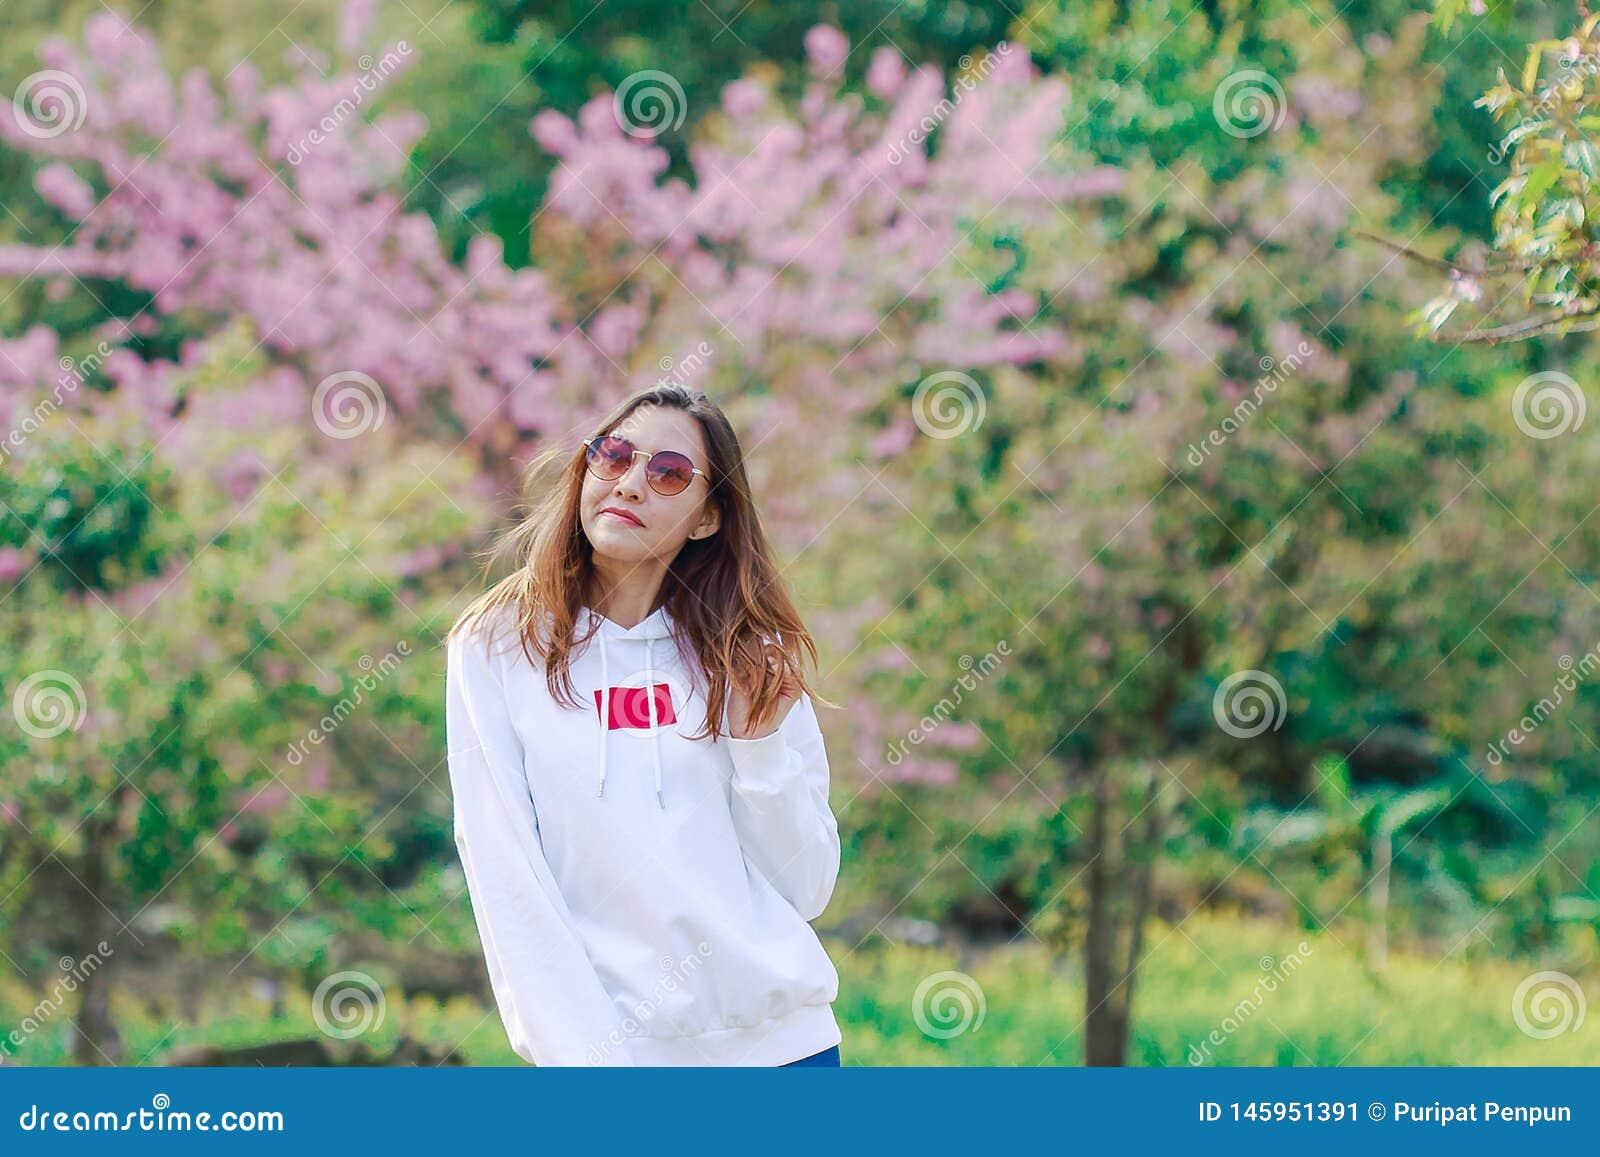 Положение женщины на лужайке